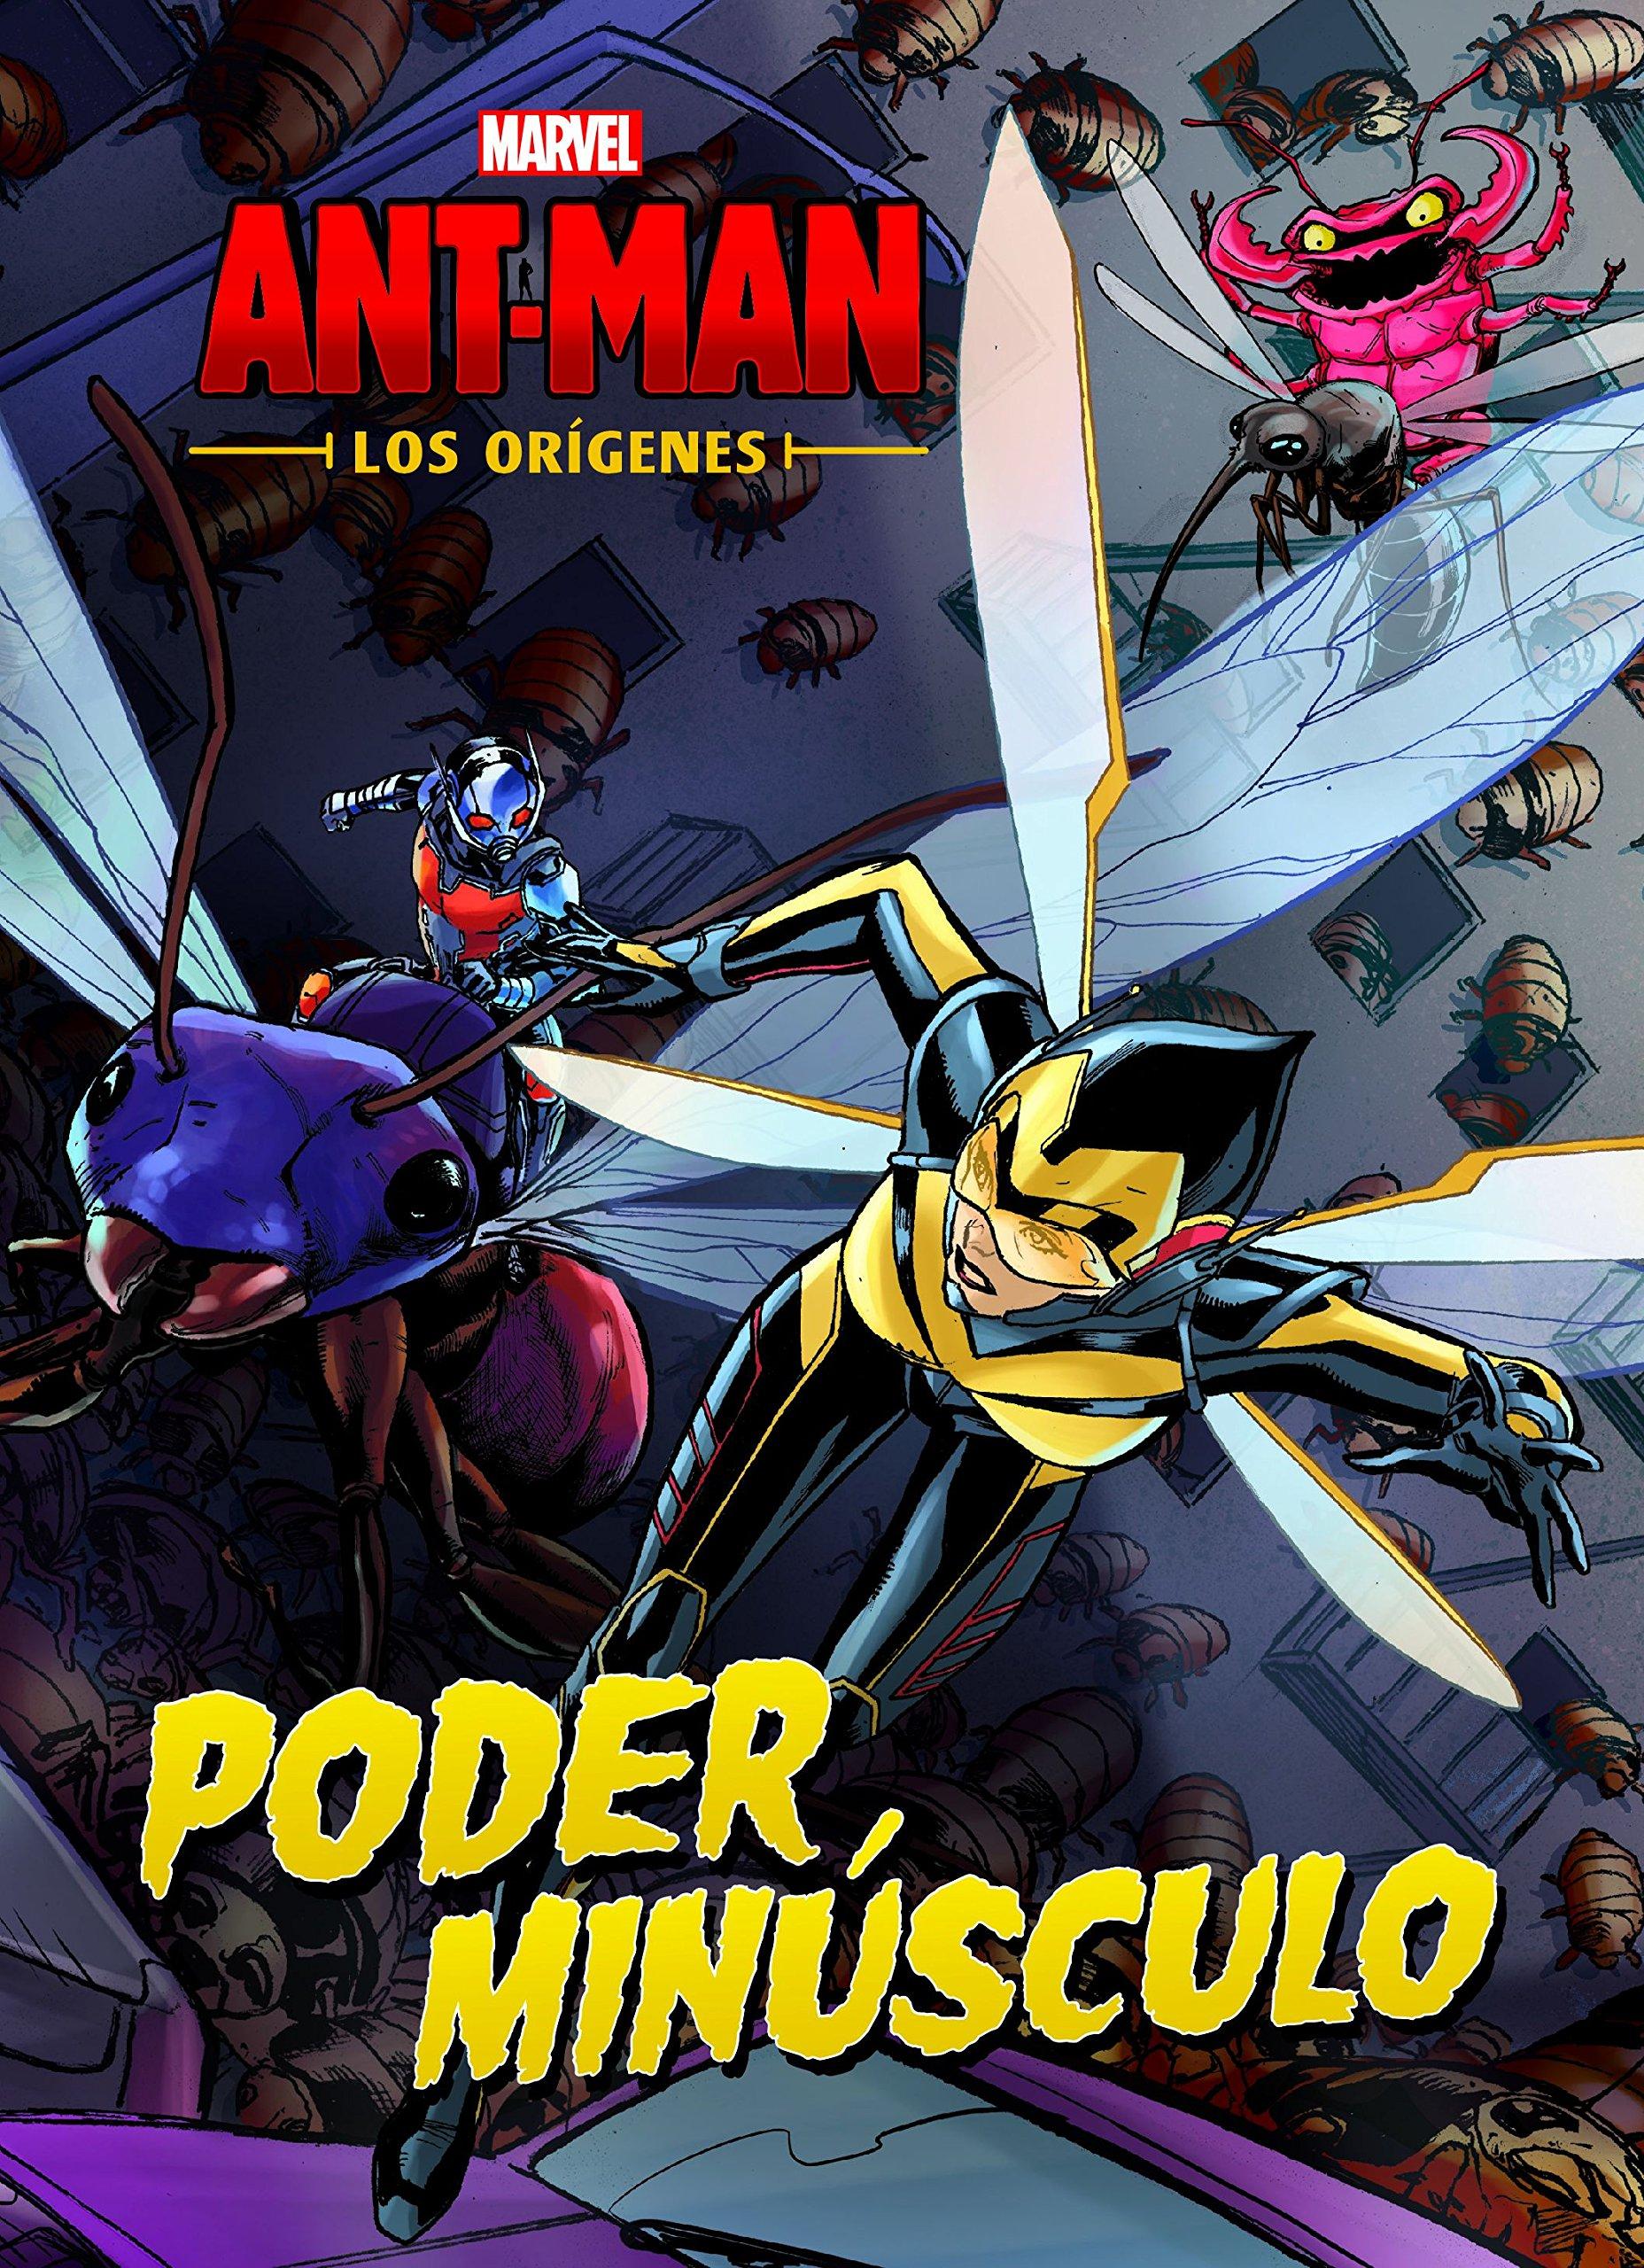 Ant-Man: Los orígenes imagen